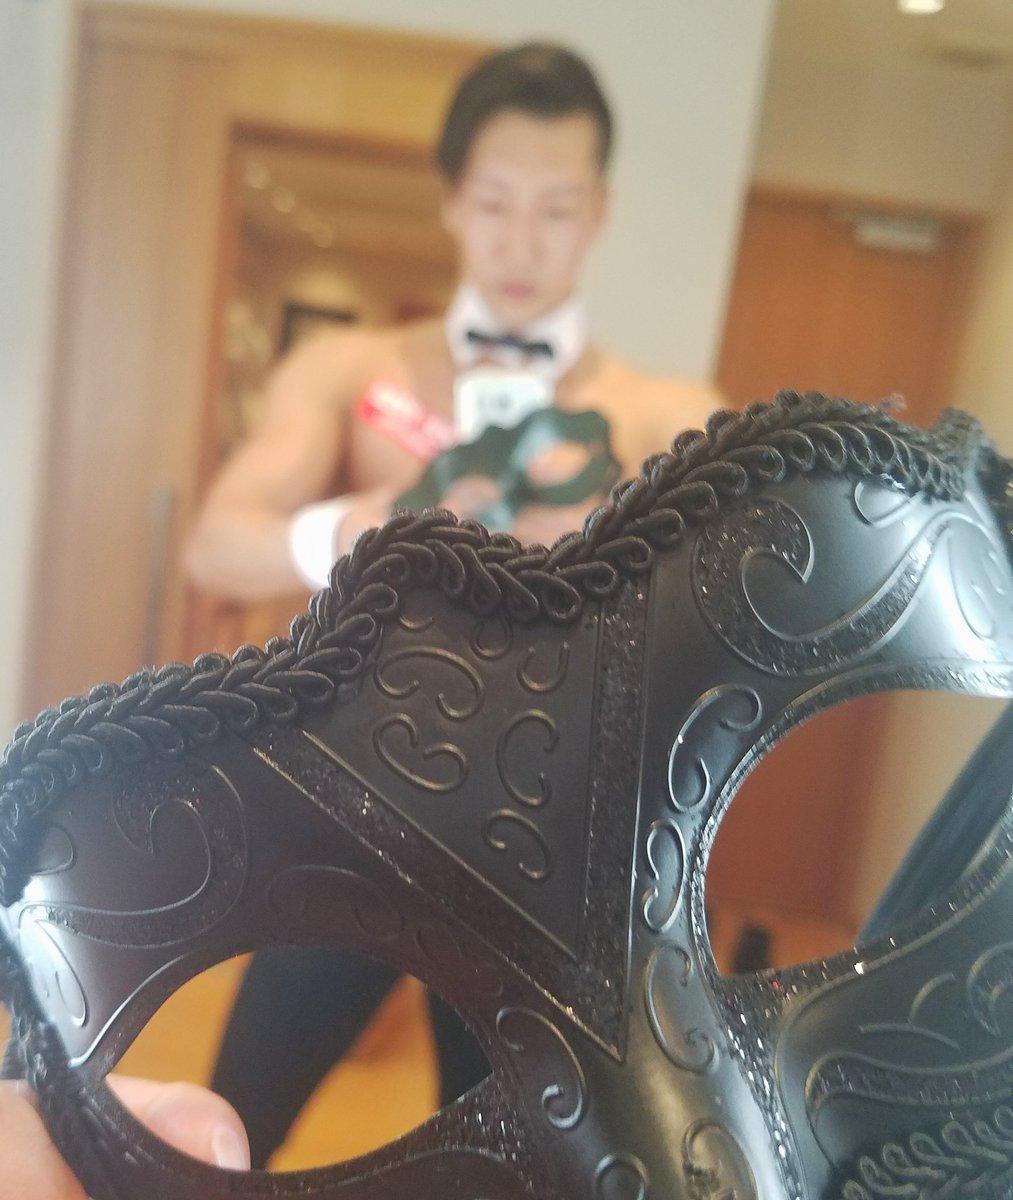 ほんのマスクザナイト盛り上がりましたー!マスクとマッスルの相性なかなかいいですね💪名古屋の皆様次回は8/12マッスルカフ